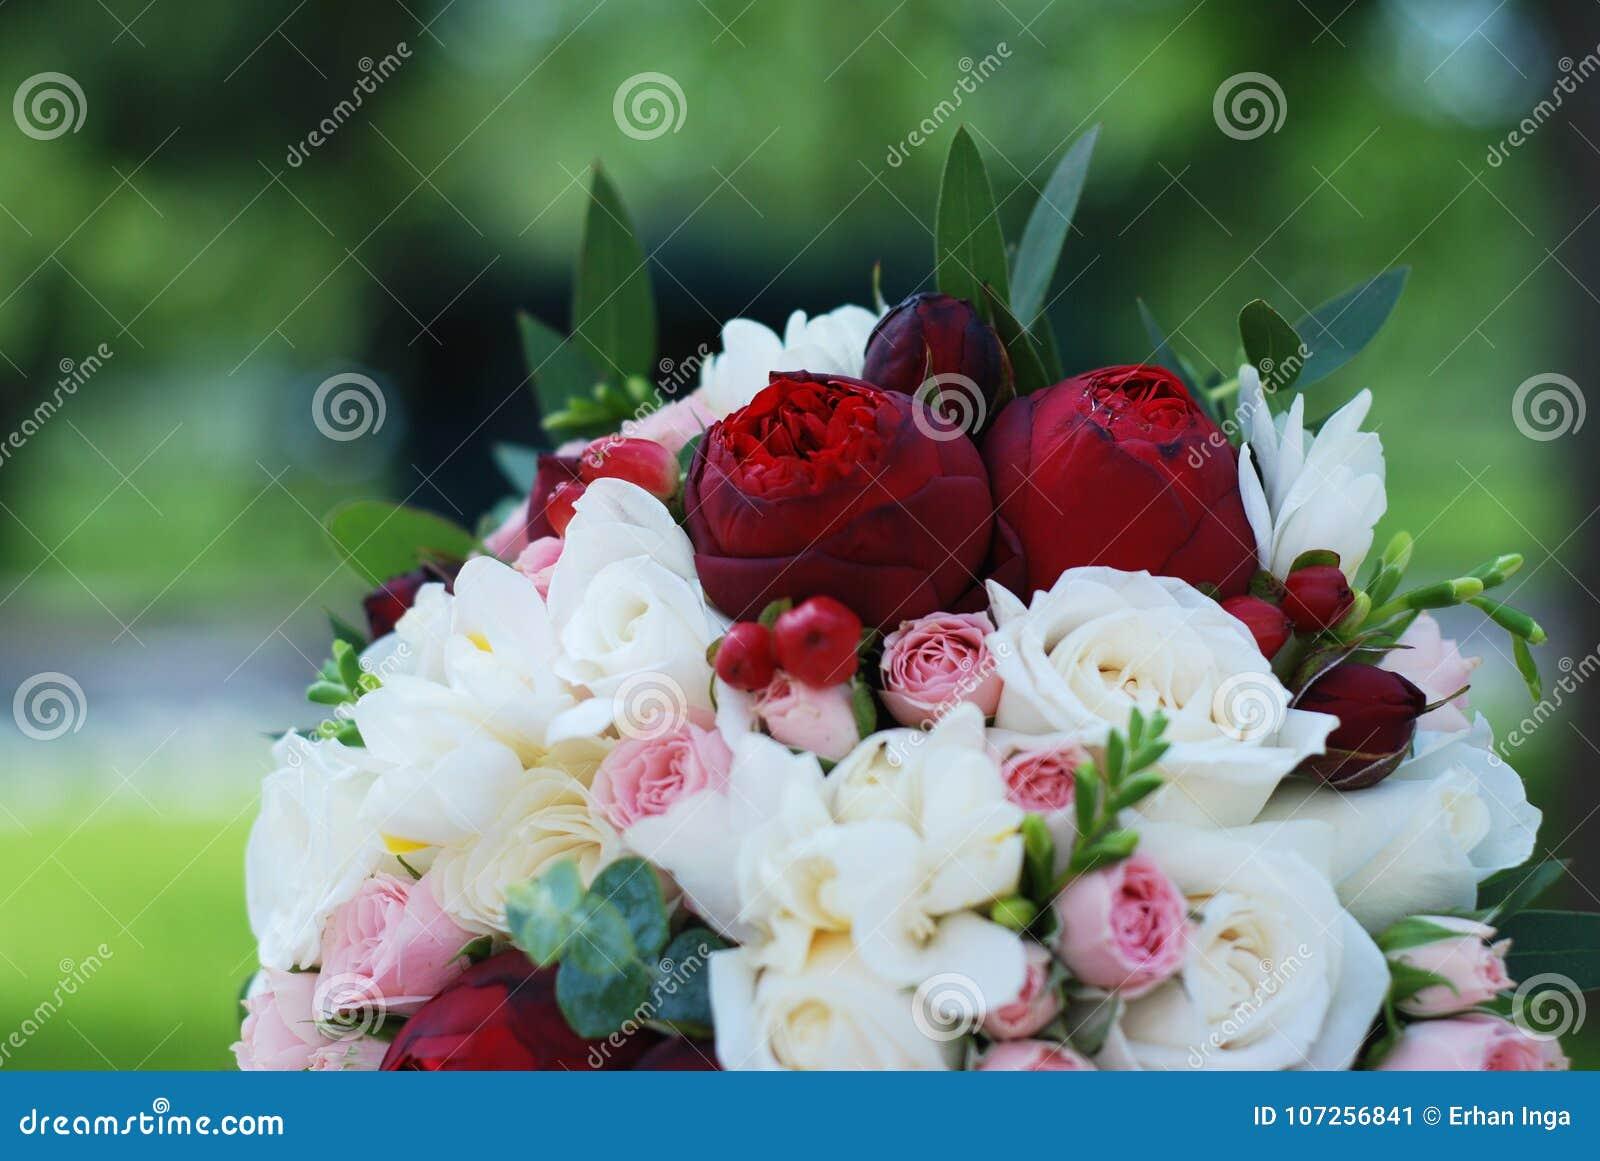 Stäng sig upp av rosa och vita gifta sig Peonny och rosblommor med eukalyptusfrunch